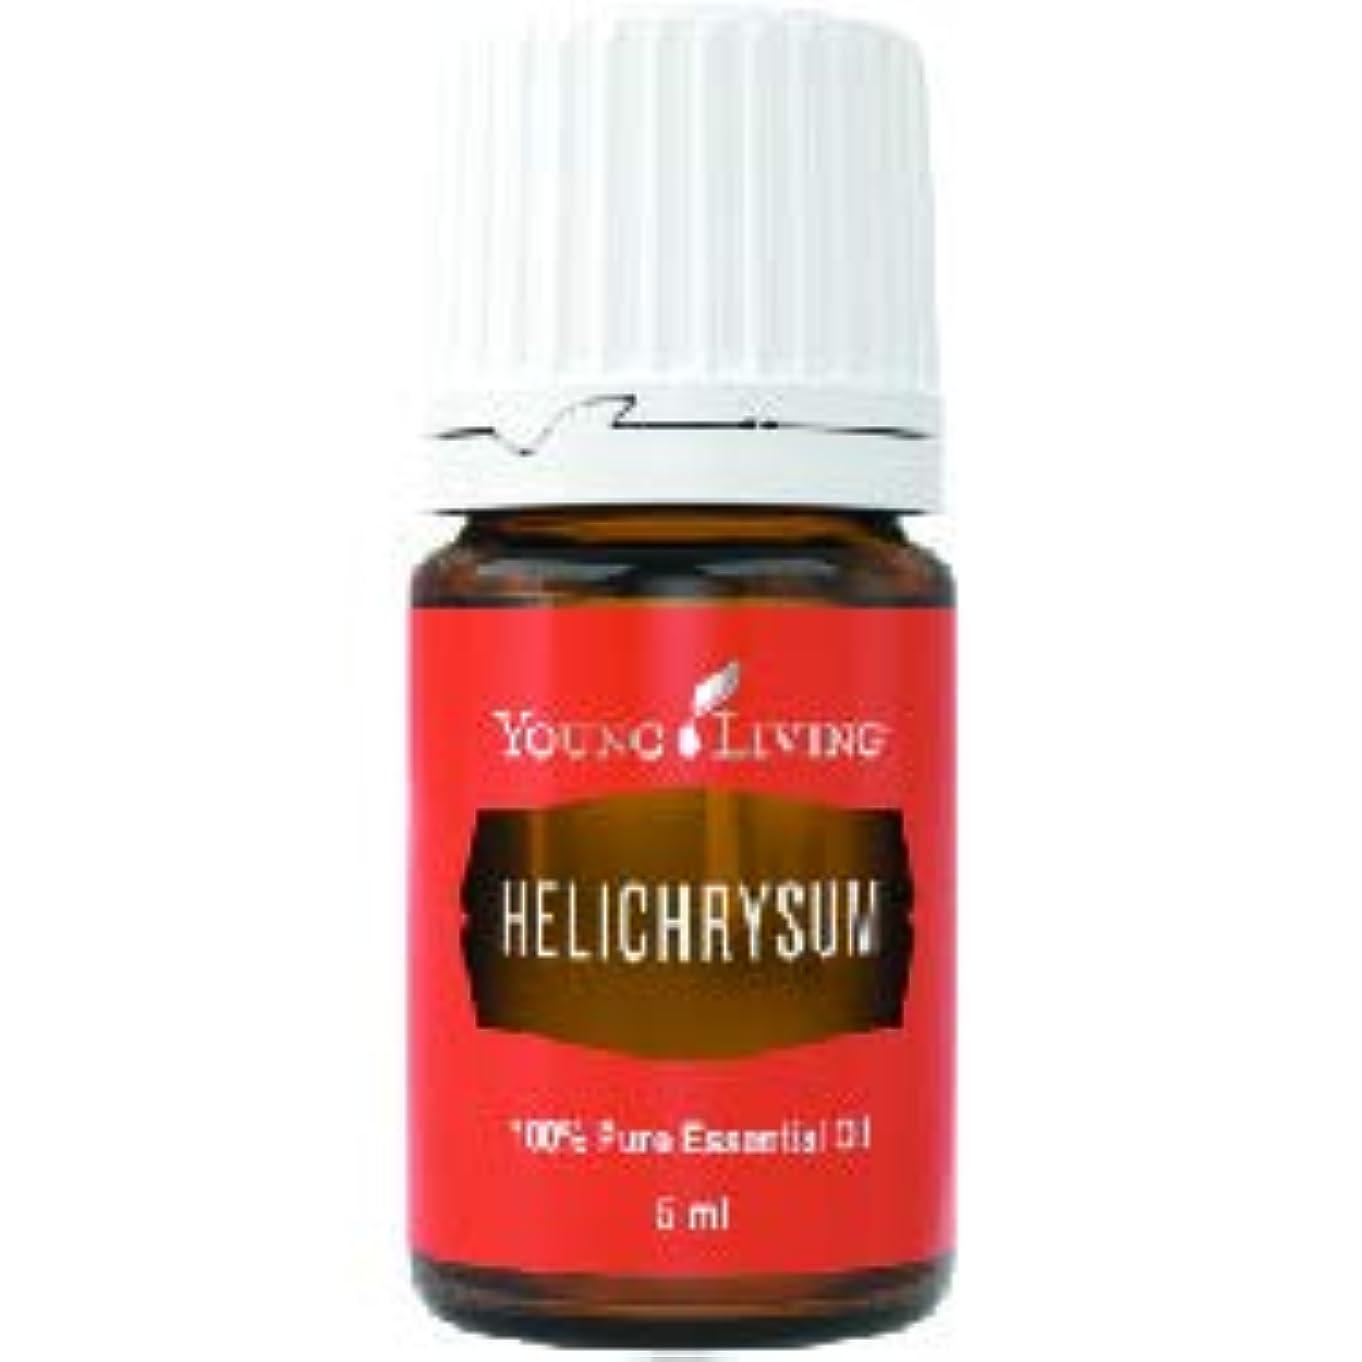 乞食かんがい橋ヘリクリサムエッセンシャルオイル ヤングリビングエッセンシャルオイルマレーシア5ml Helichrysum Essential Oil 5ml by Young Living Essential Oil Malaysia